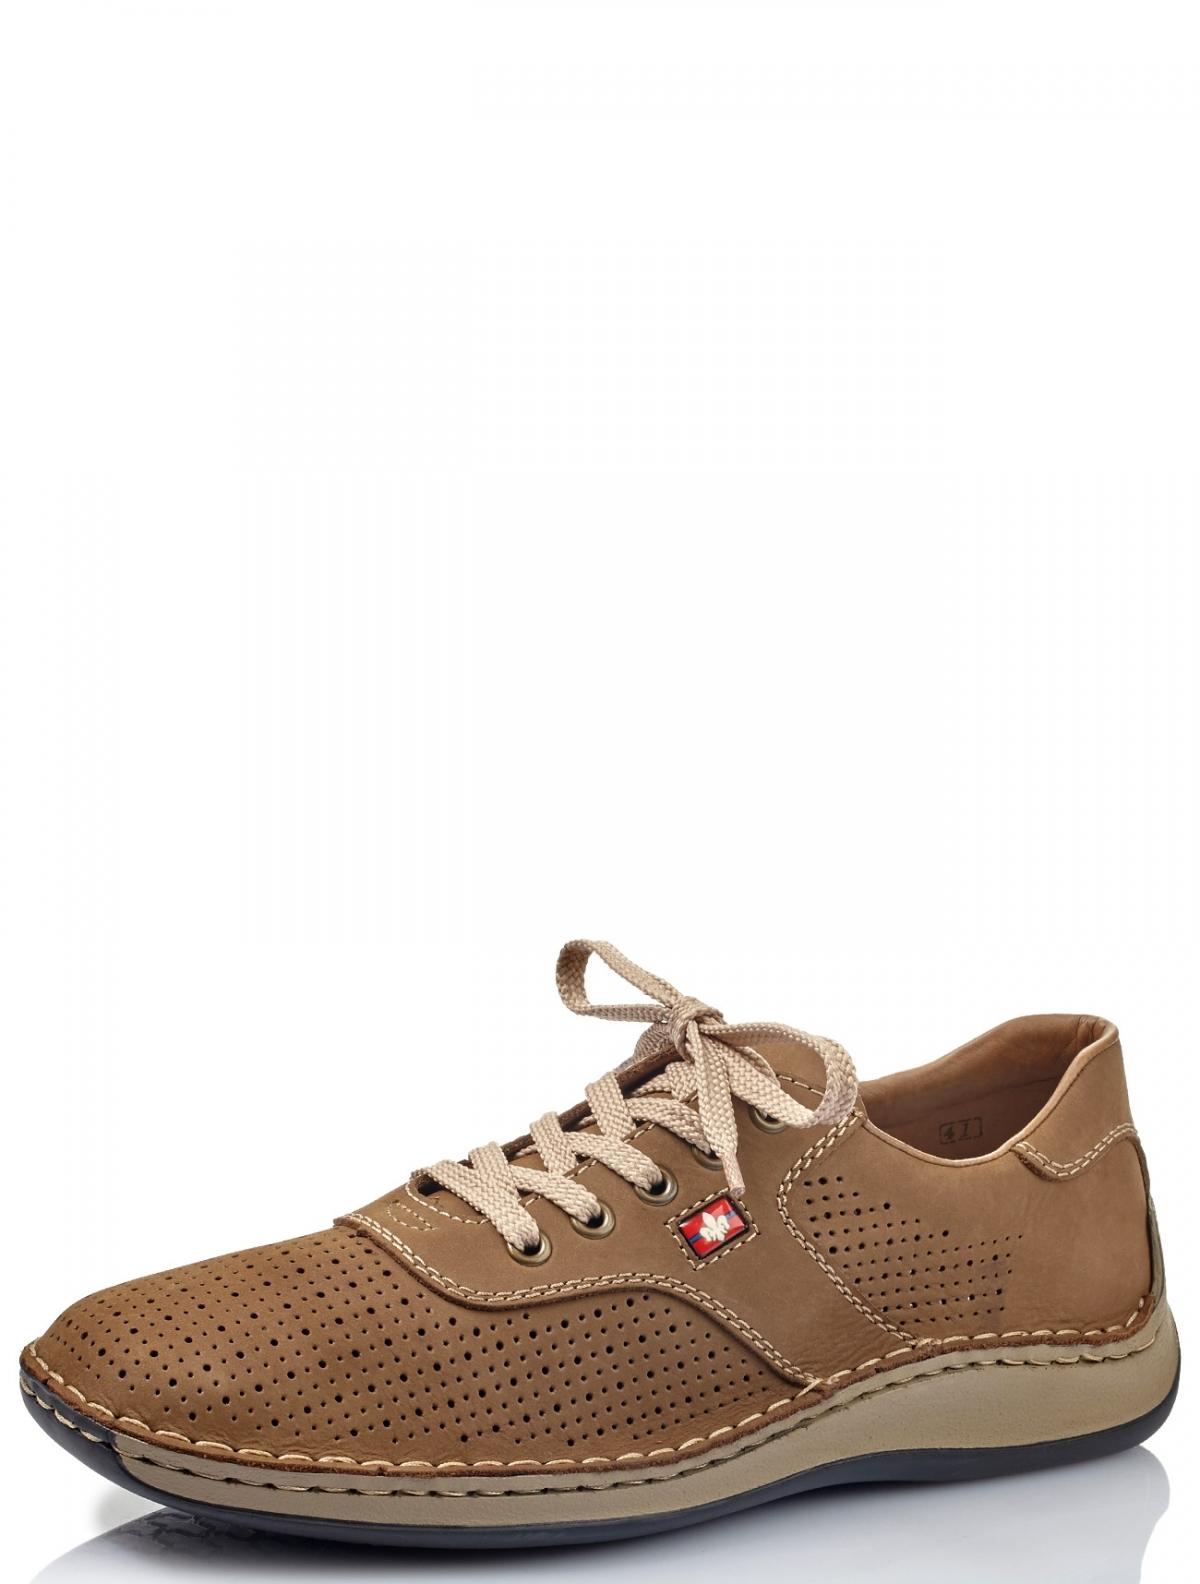 Rieker 05225-64 мужские туфли